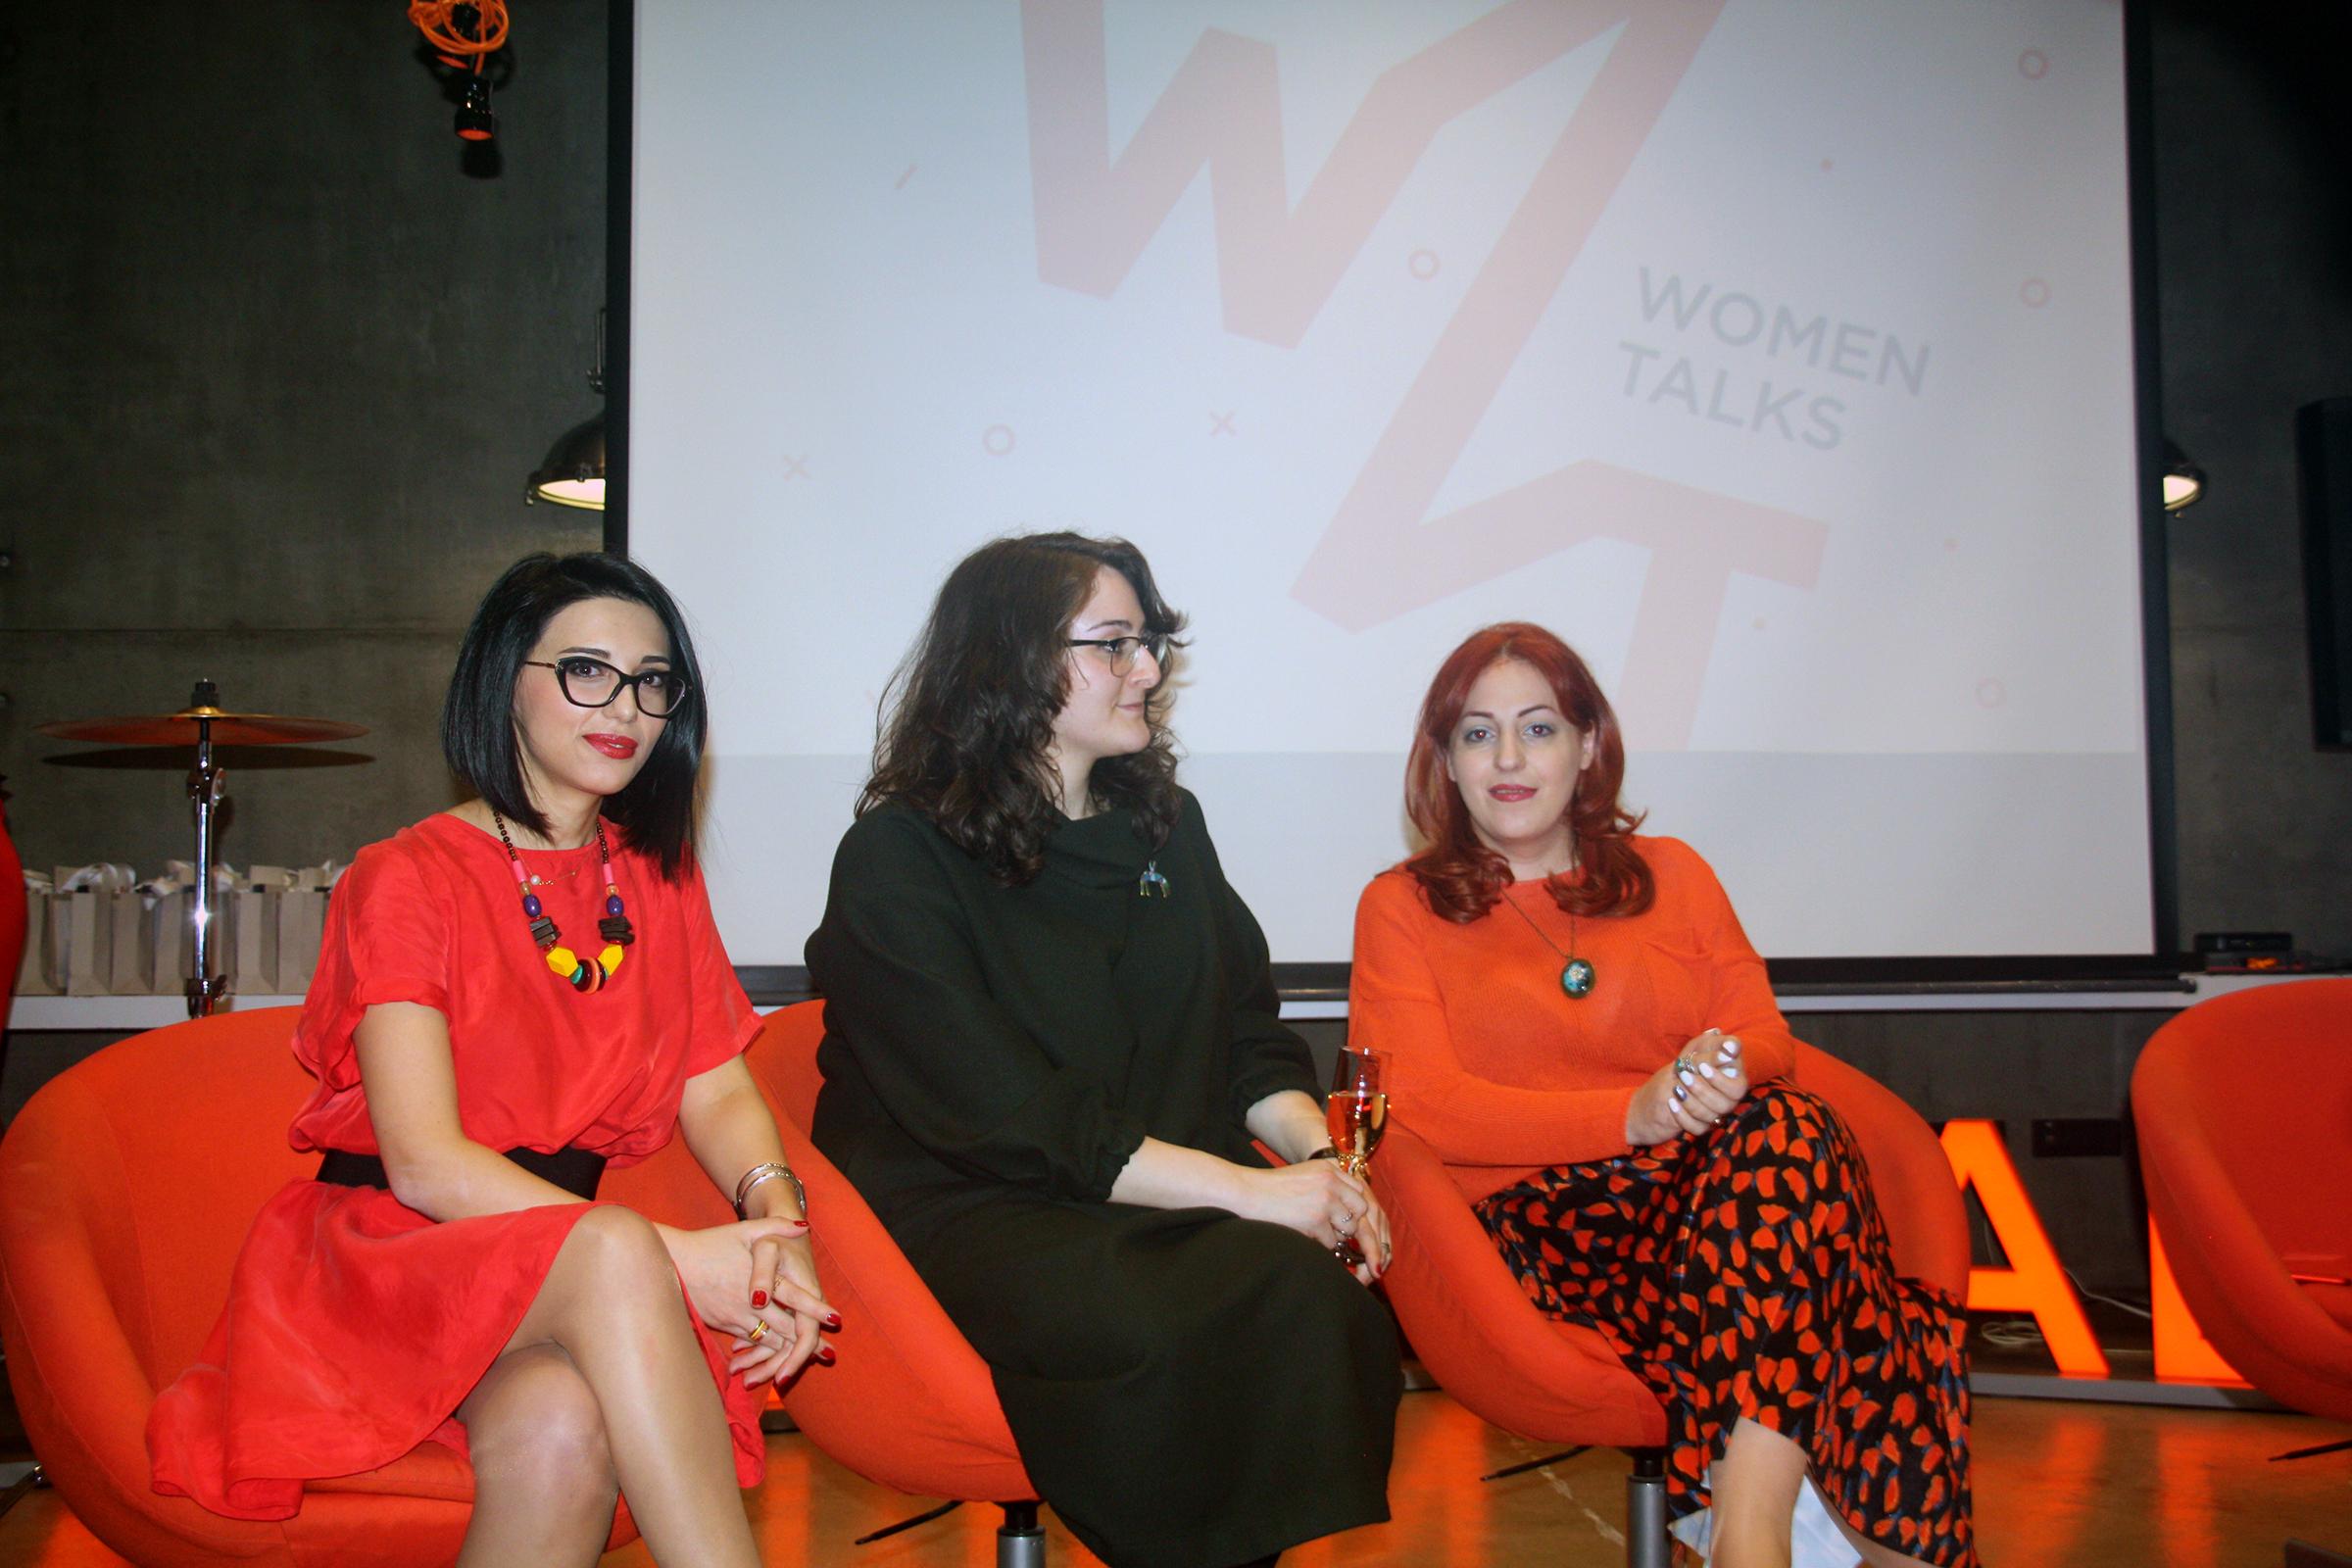 Կանայք բիզնեսում․ Ինչպե՞ս հավասարակշռել աշխատանքն ու անձնական կյանքը